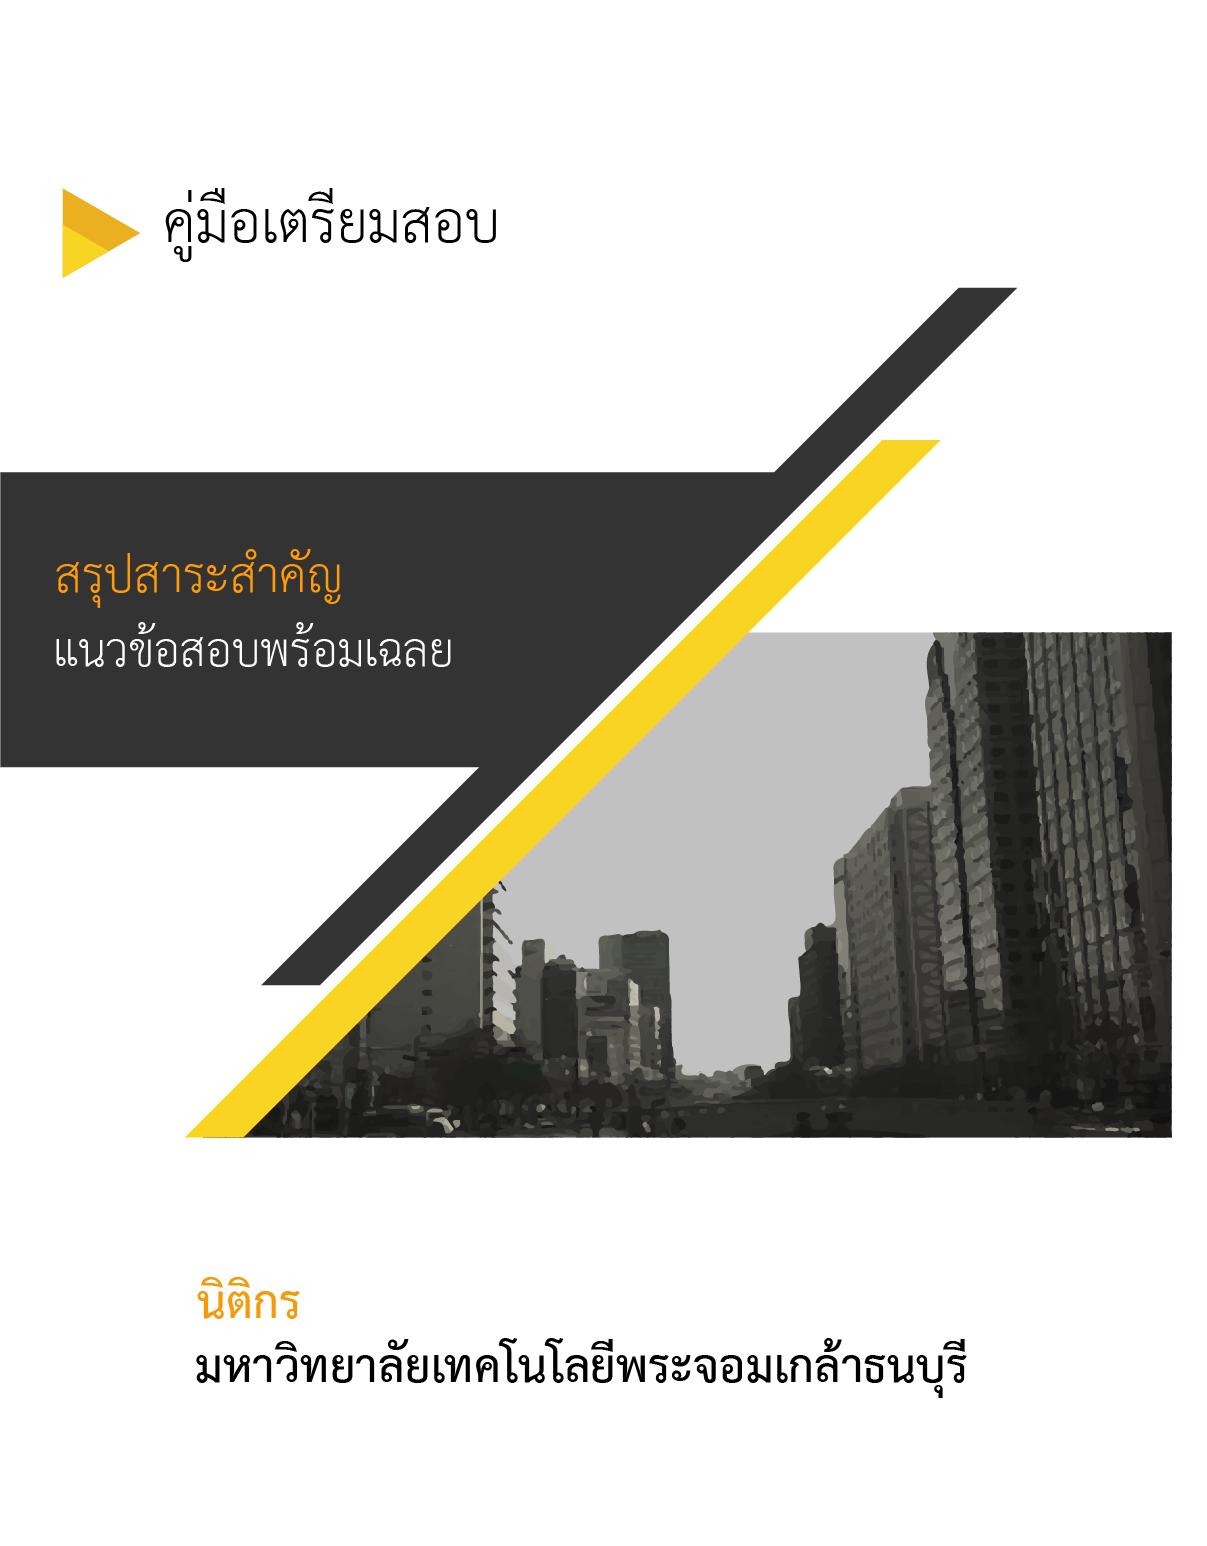 สรุปแนวข้อสอบพร้อมเฉลย นิติกร มหาวิทยาลัยเทคโนโลยีพระจอมเกล้าธนบุรี